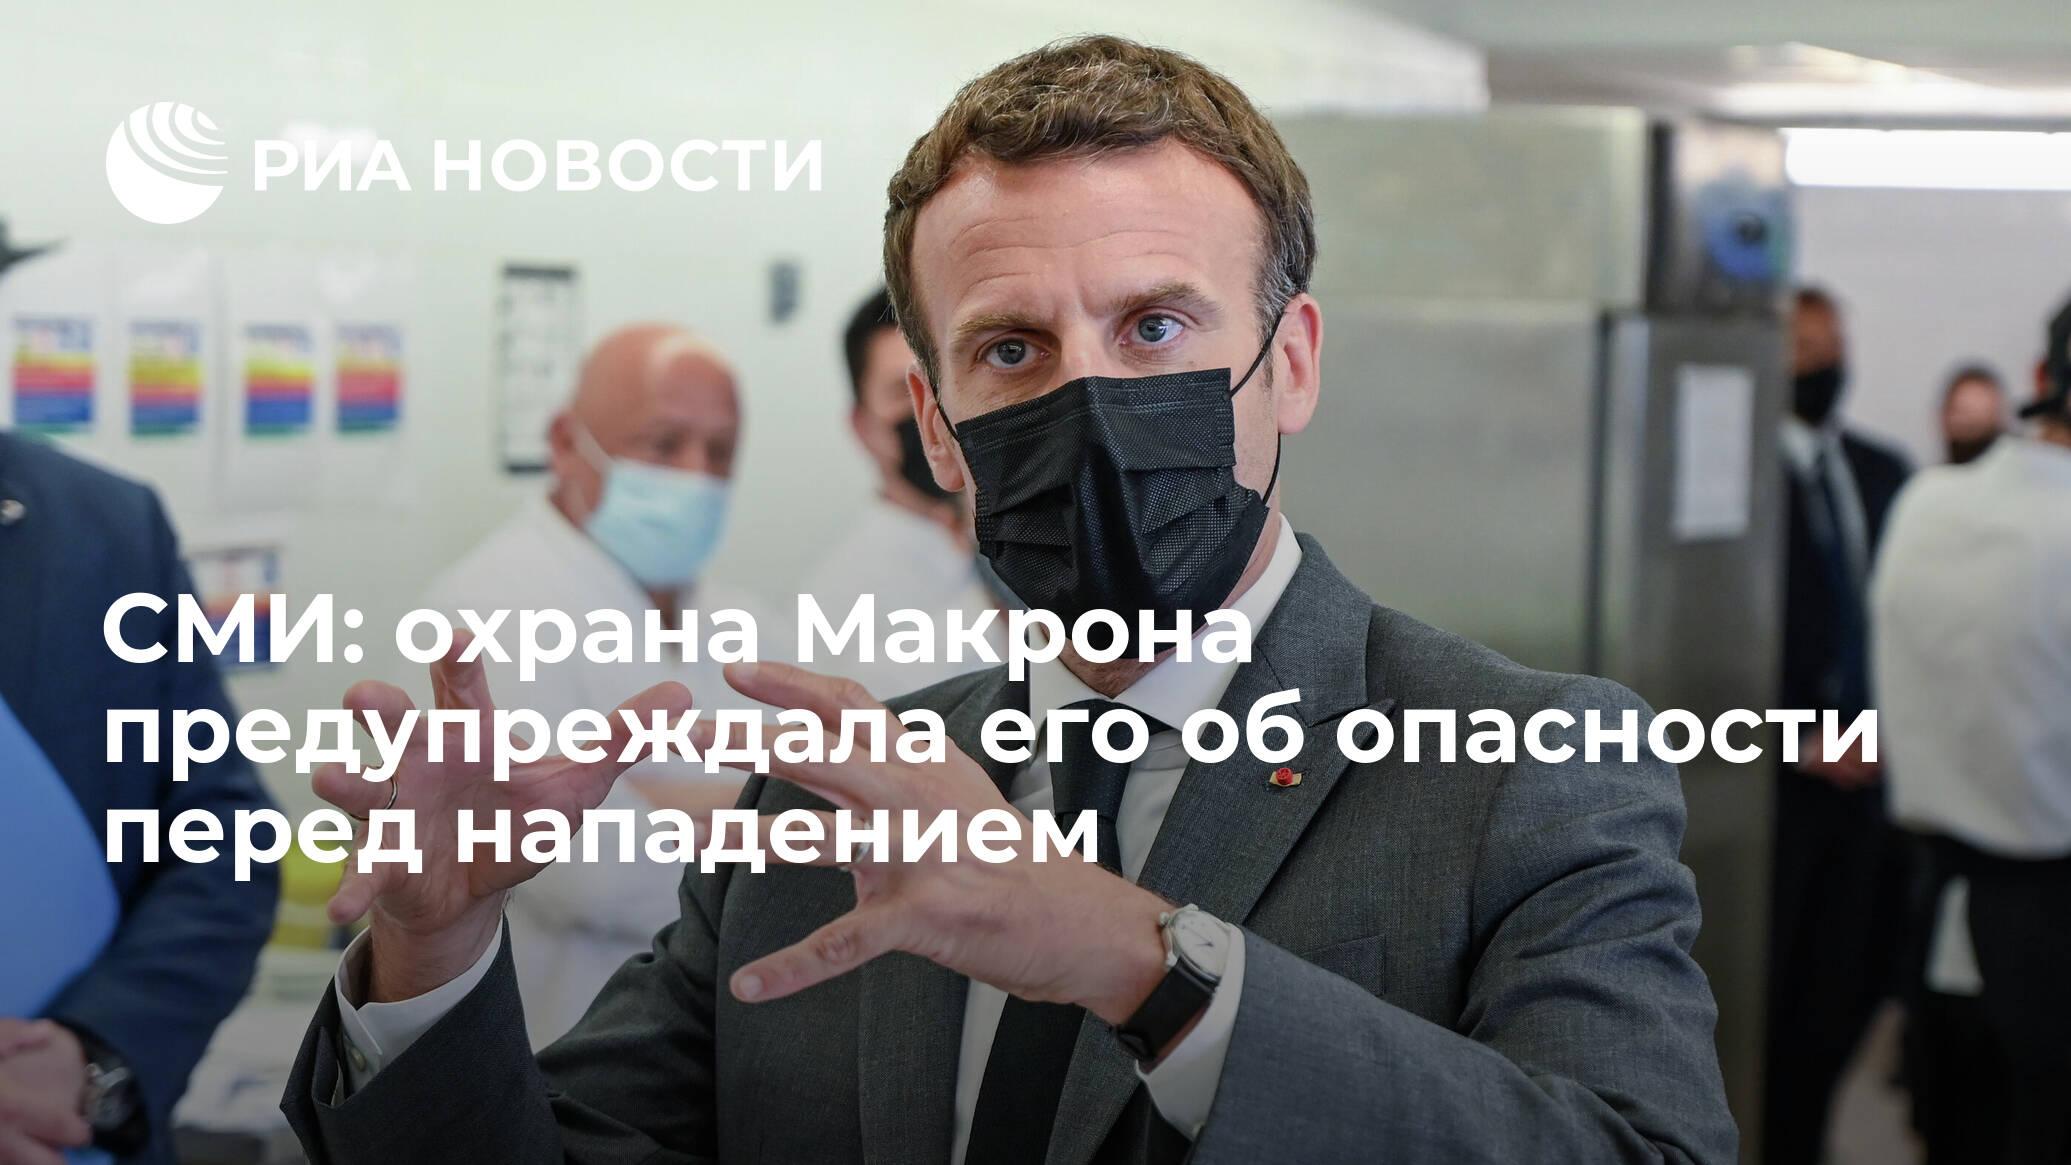 СМИ: охрана Макрона предупреждала его об опасности перед нападением